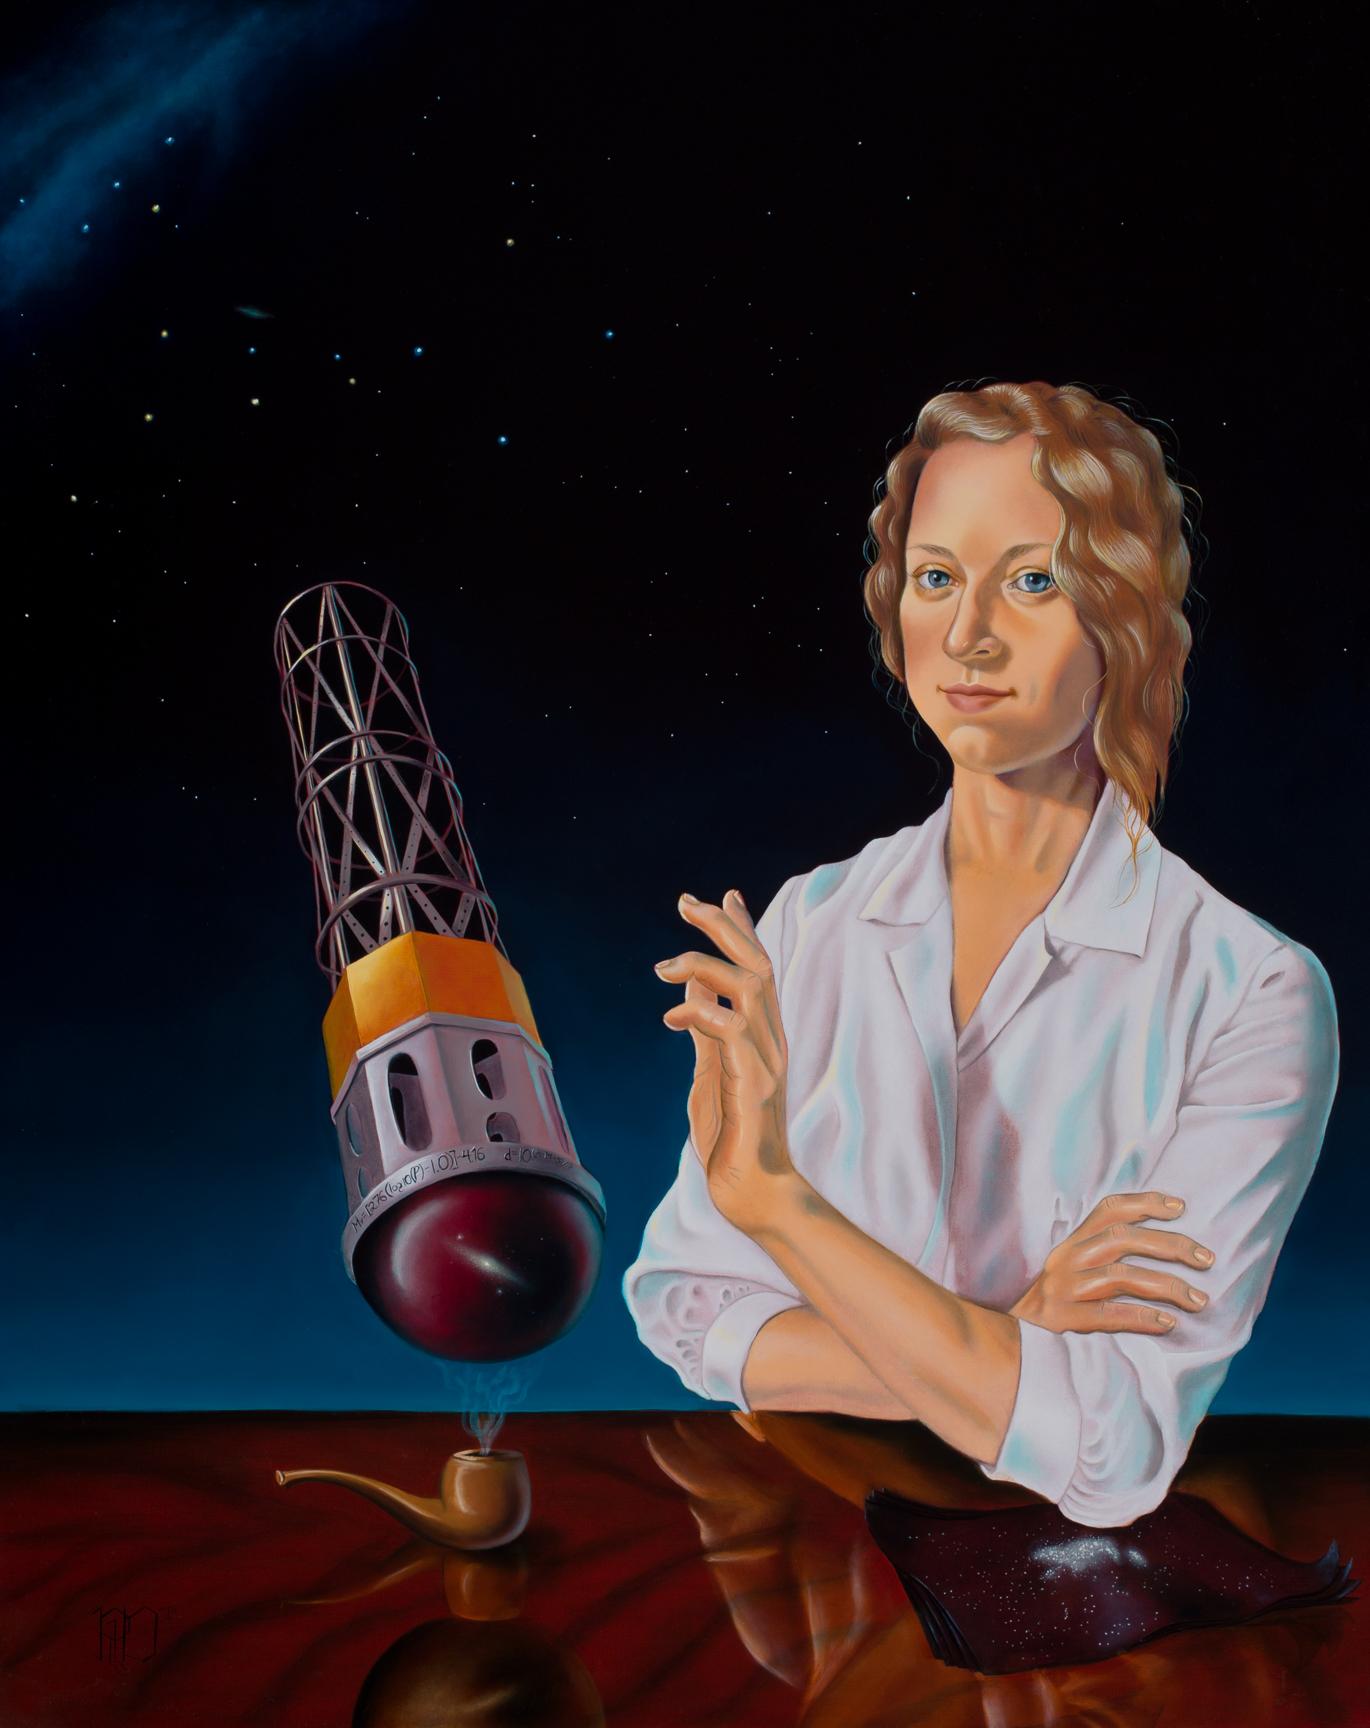 'Henrietta Swan Leavitt,' or 'This is not Edwin Hubble's Pipe'